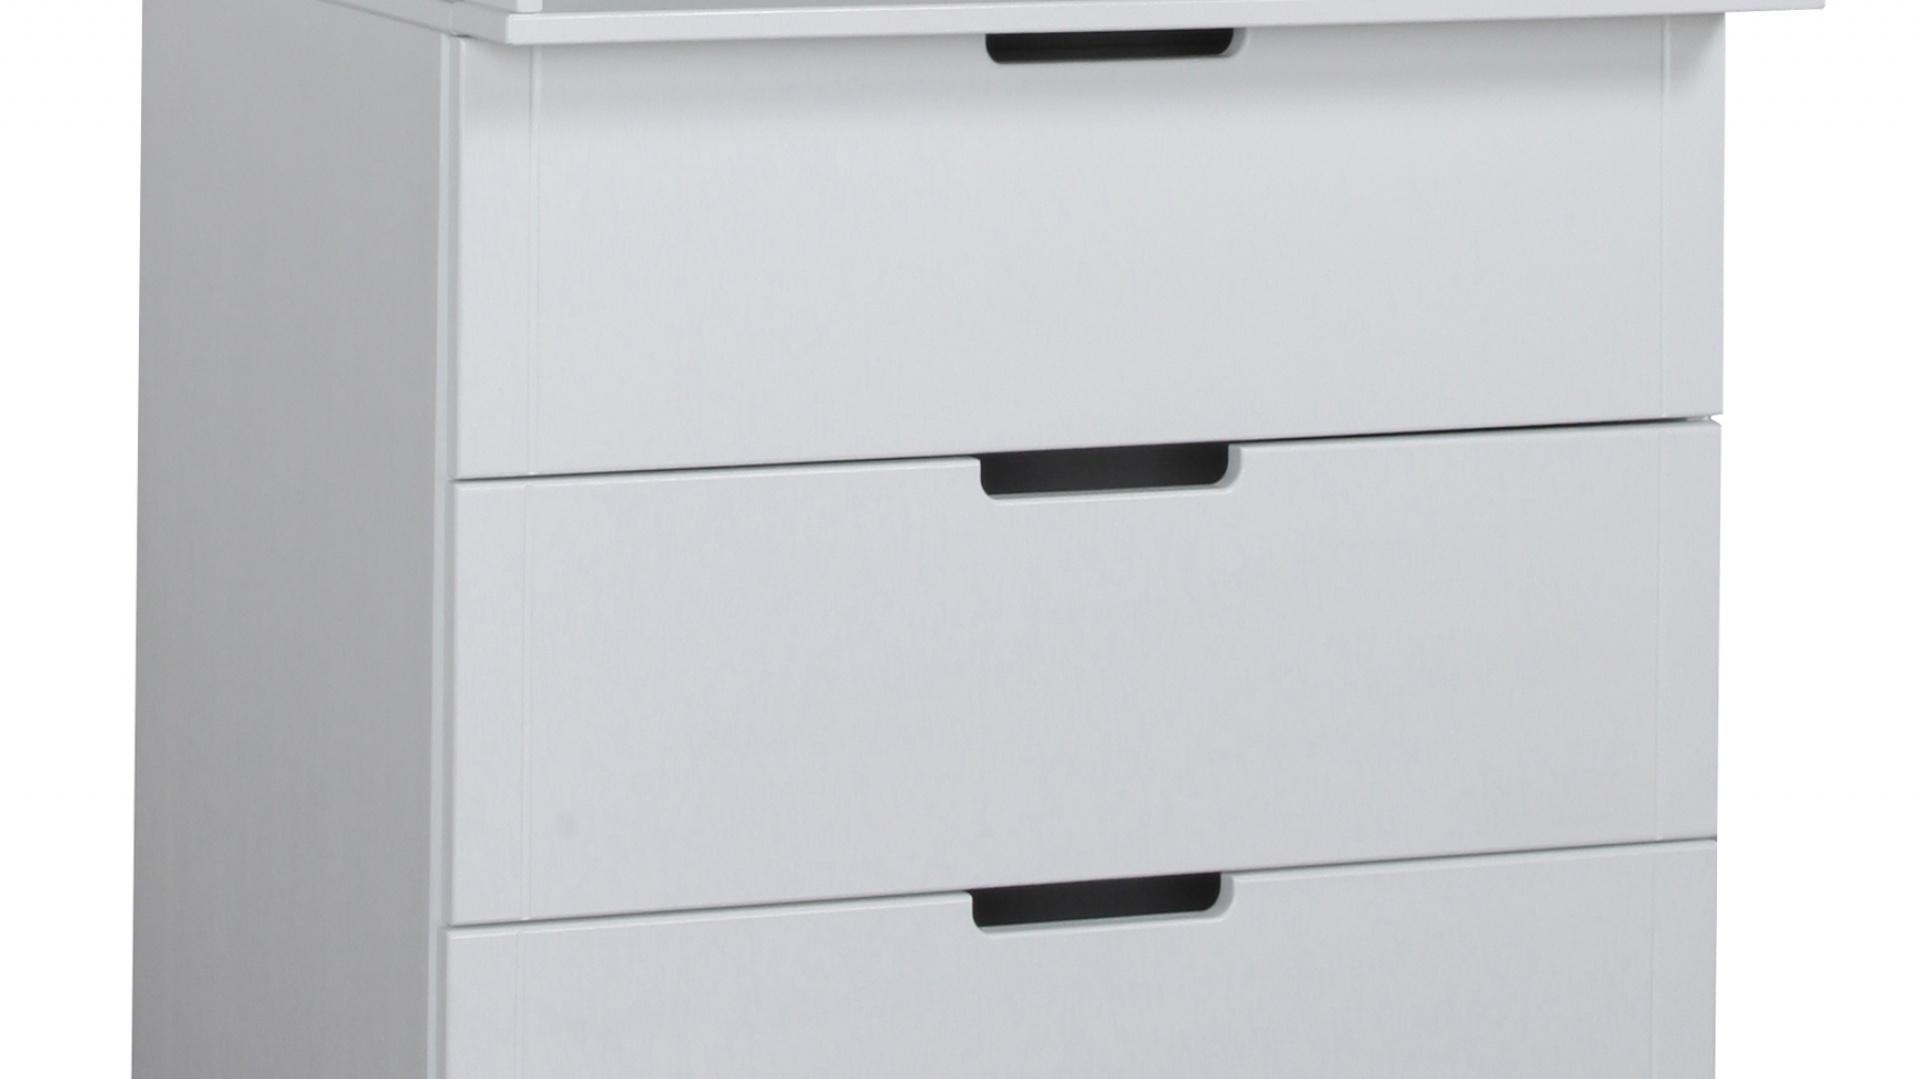 Małe śpioszki i kaftaniki przechowywane są w komodzie z kolekcji Mini marki Pinio, wpisującej się w stonowaną stylistykę wnętrza. Fot. Pinio.